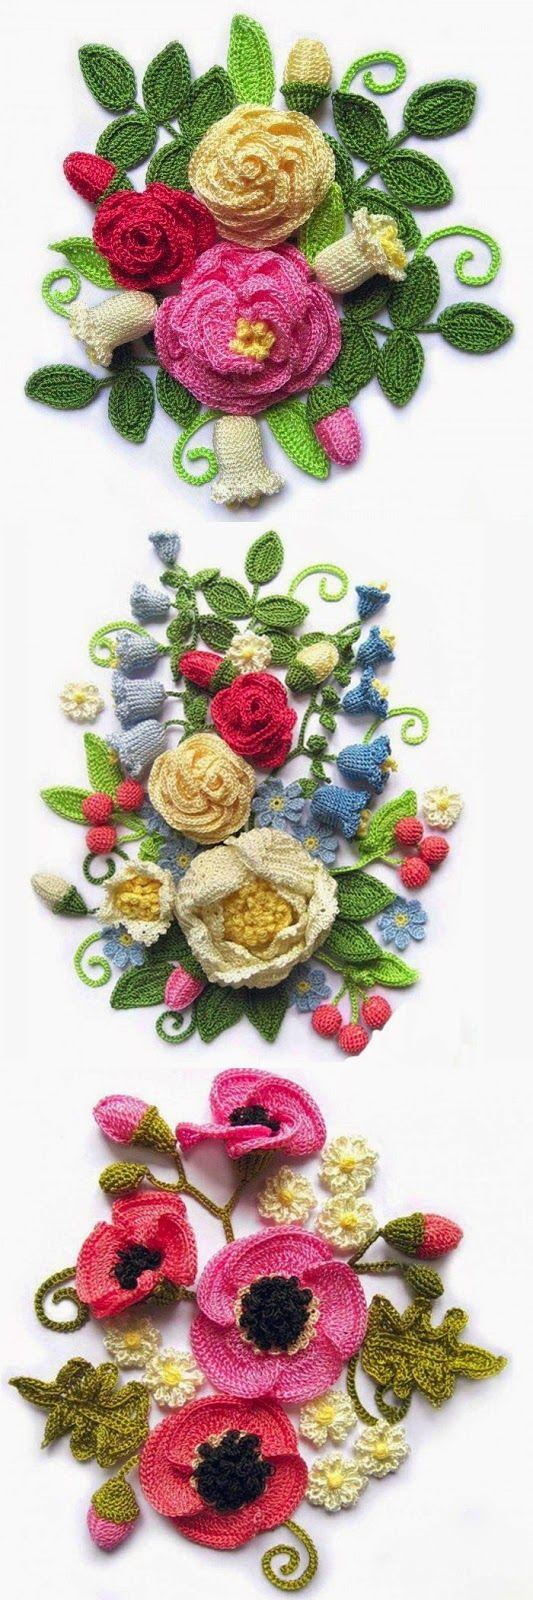 Very beautiful crochet flowers